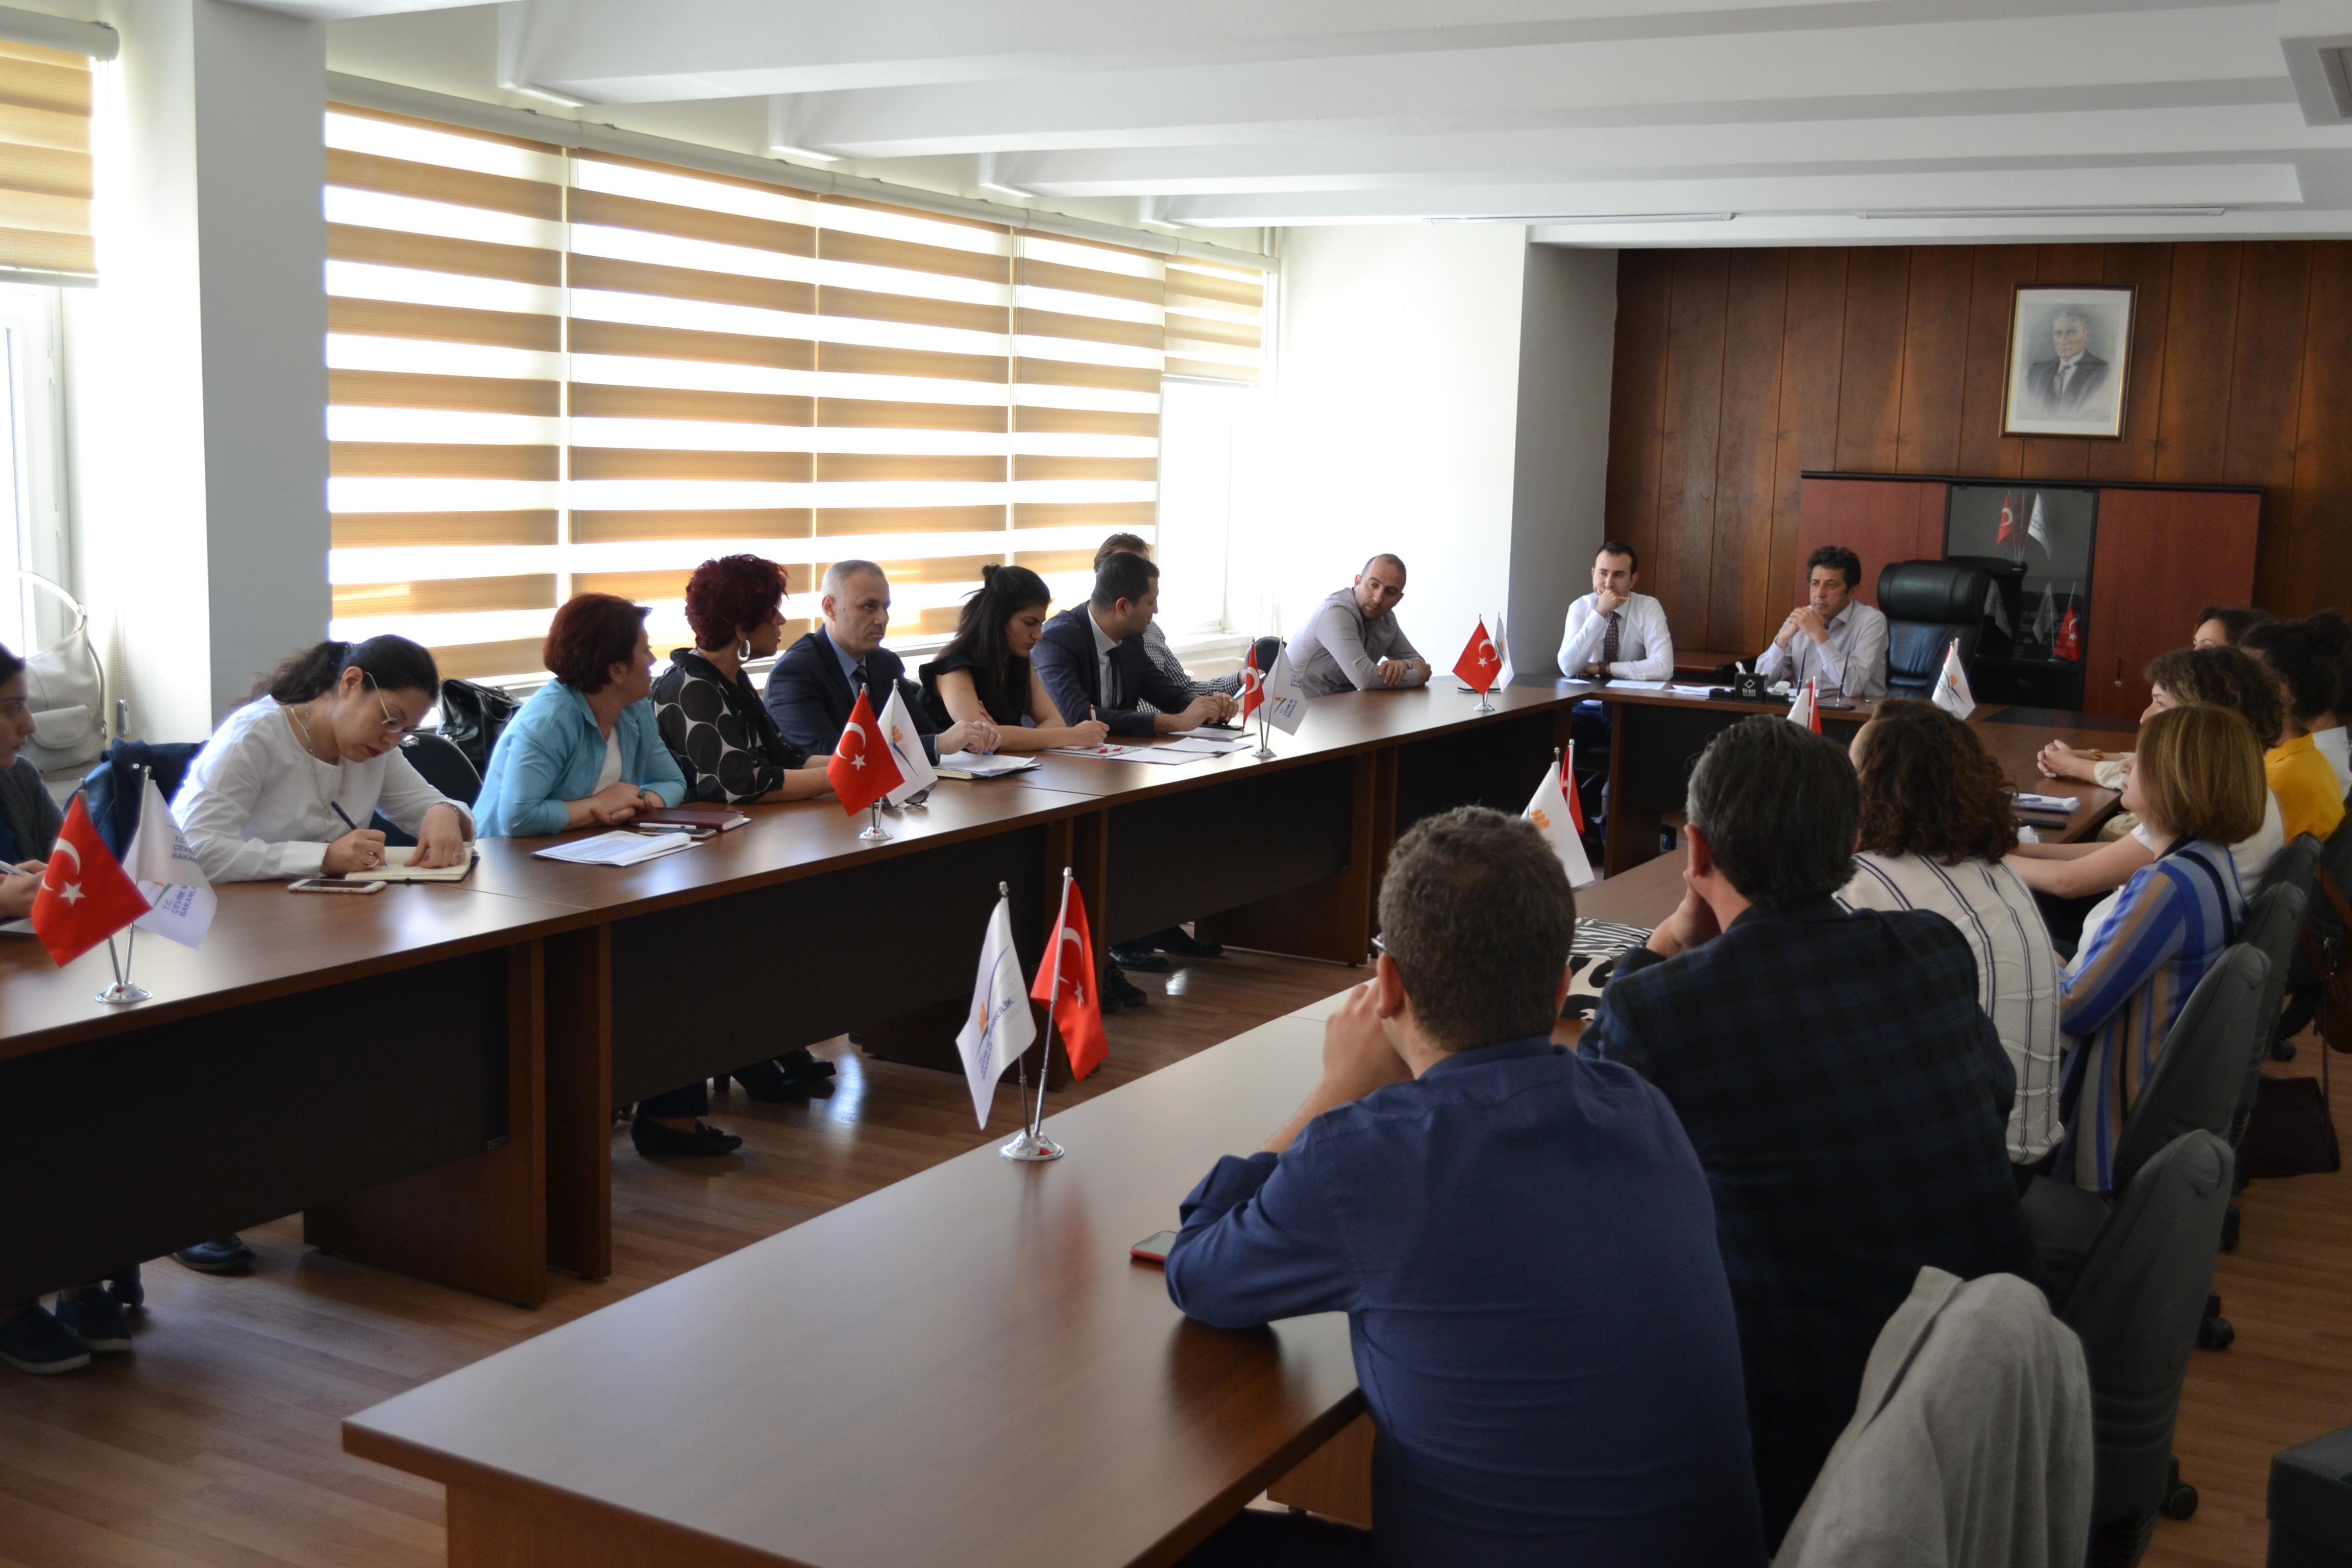 Riskli Alanların Tespit Edilmesi ve Kentsel Dönüşüm Strateji Belgesi Toplantısı